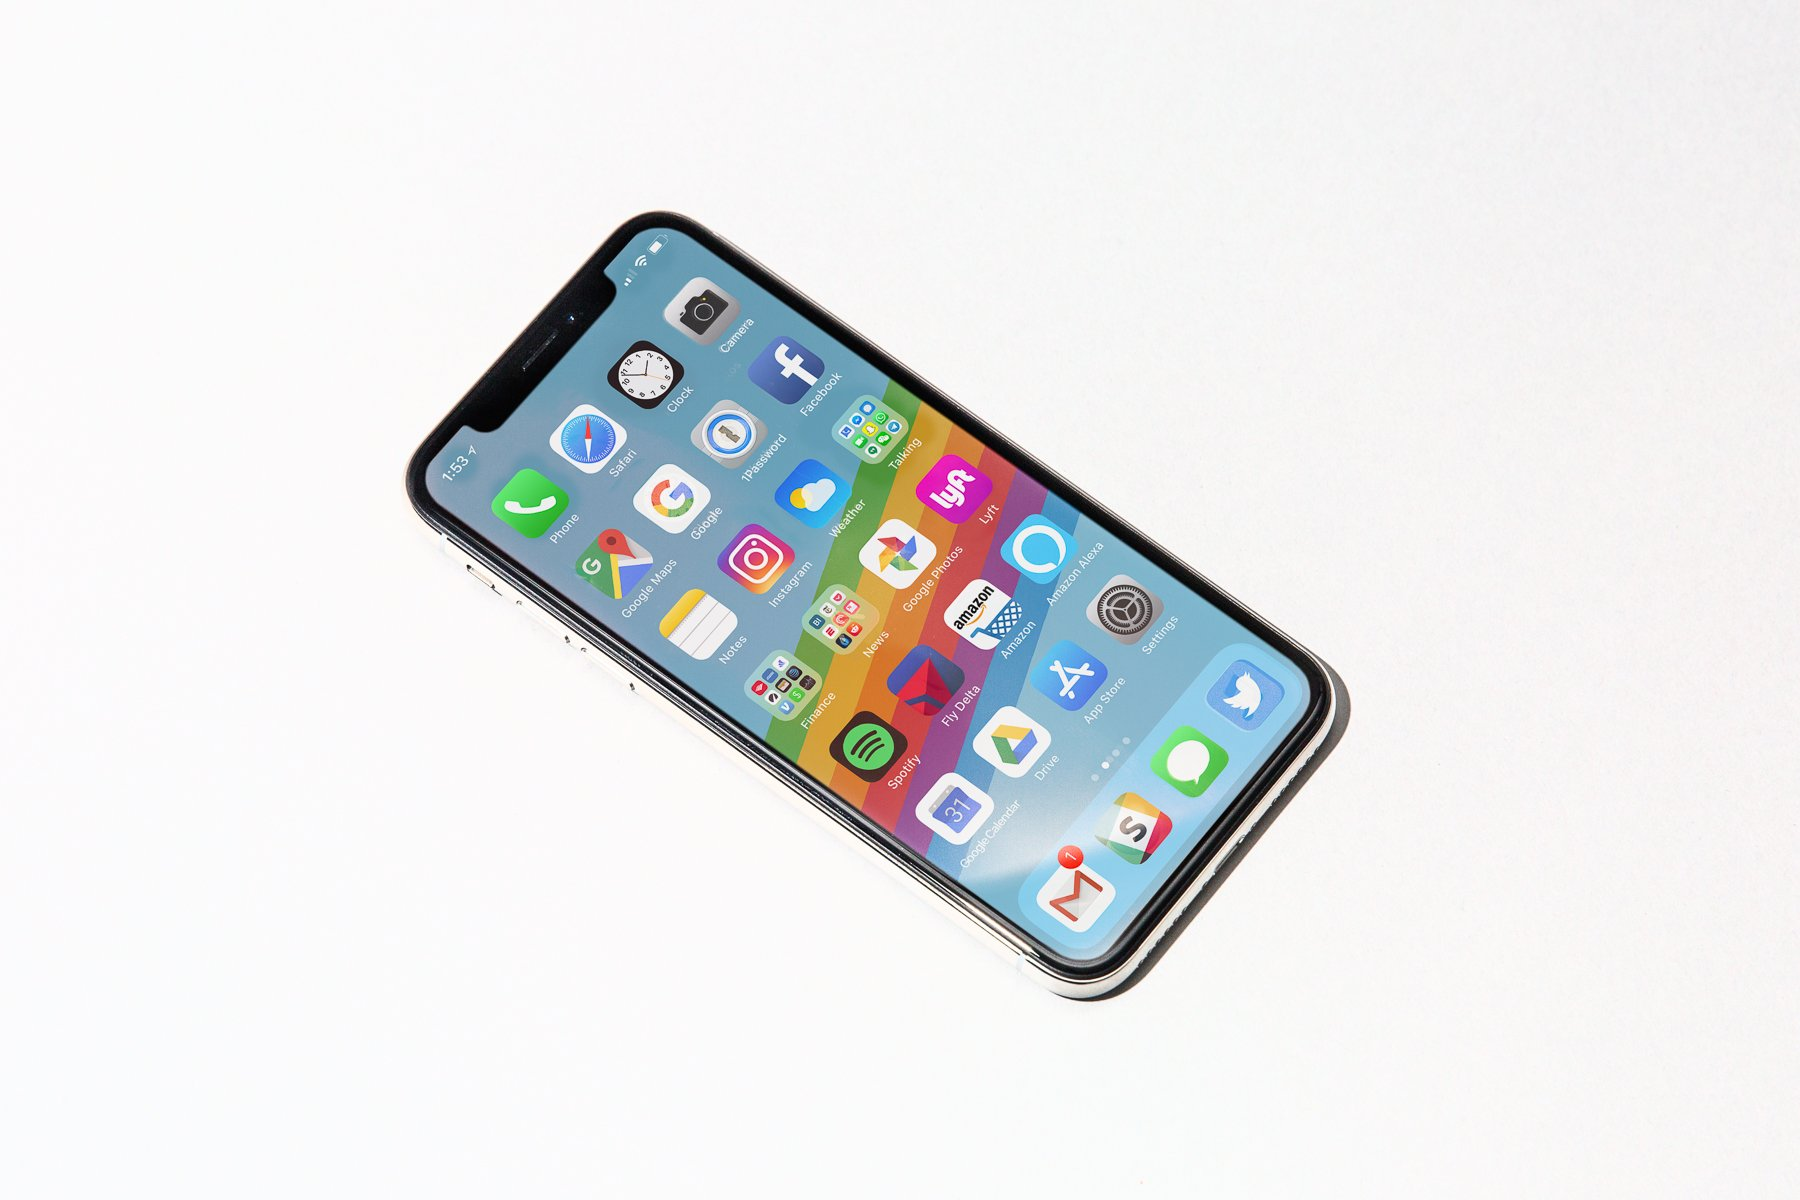 ТОП-10 лучших смартфонов 2017 года: бюджетные, недорогие и флагманские смартфоны | Канобу - Изображение 21